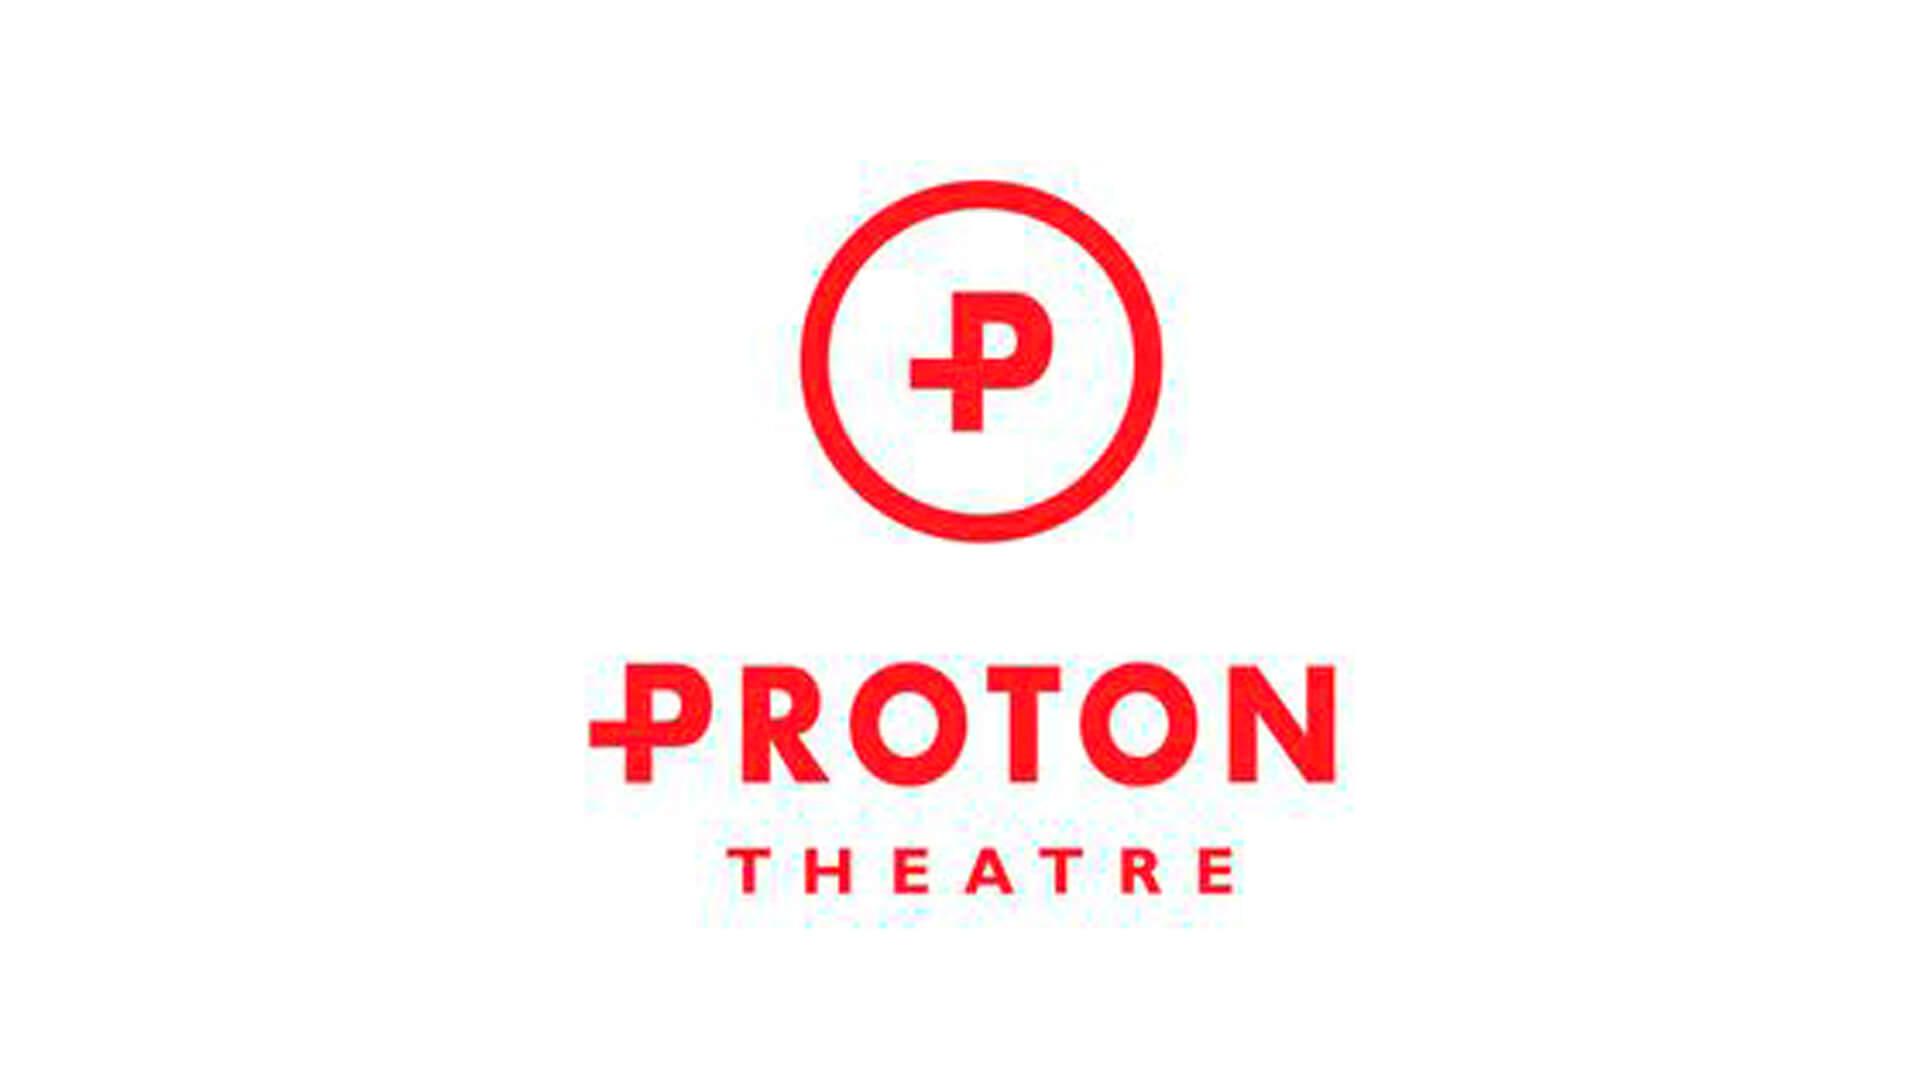 Proton Theater